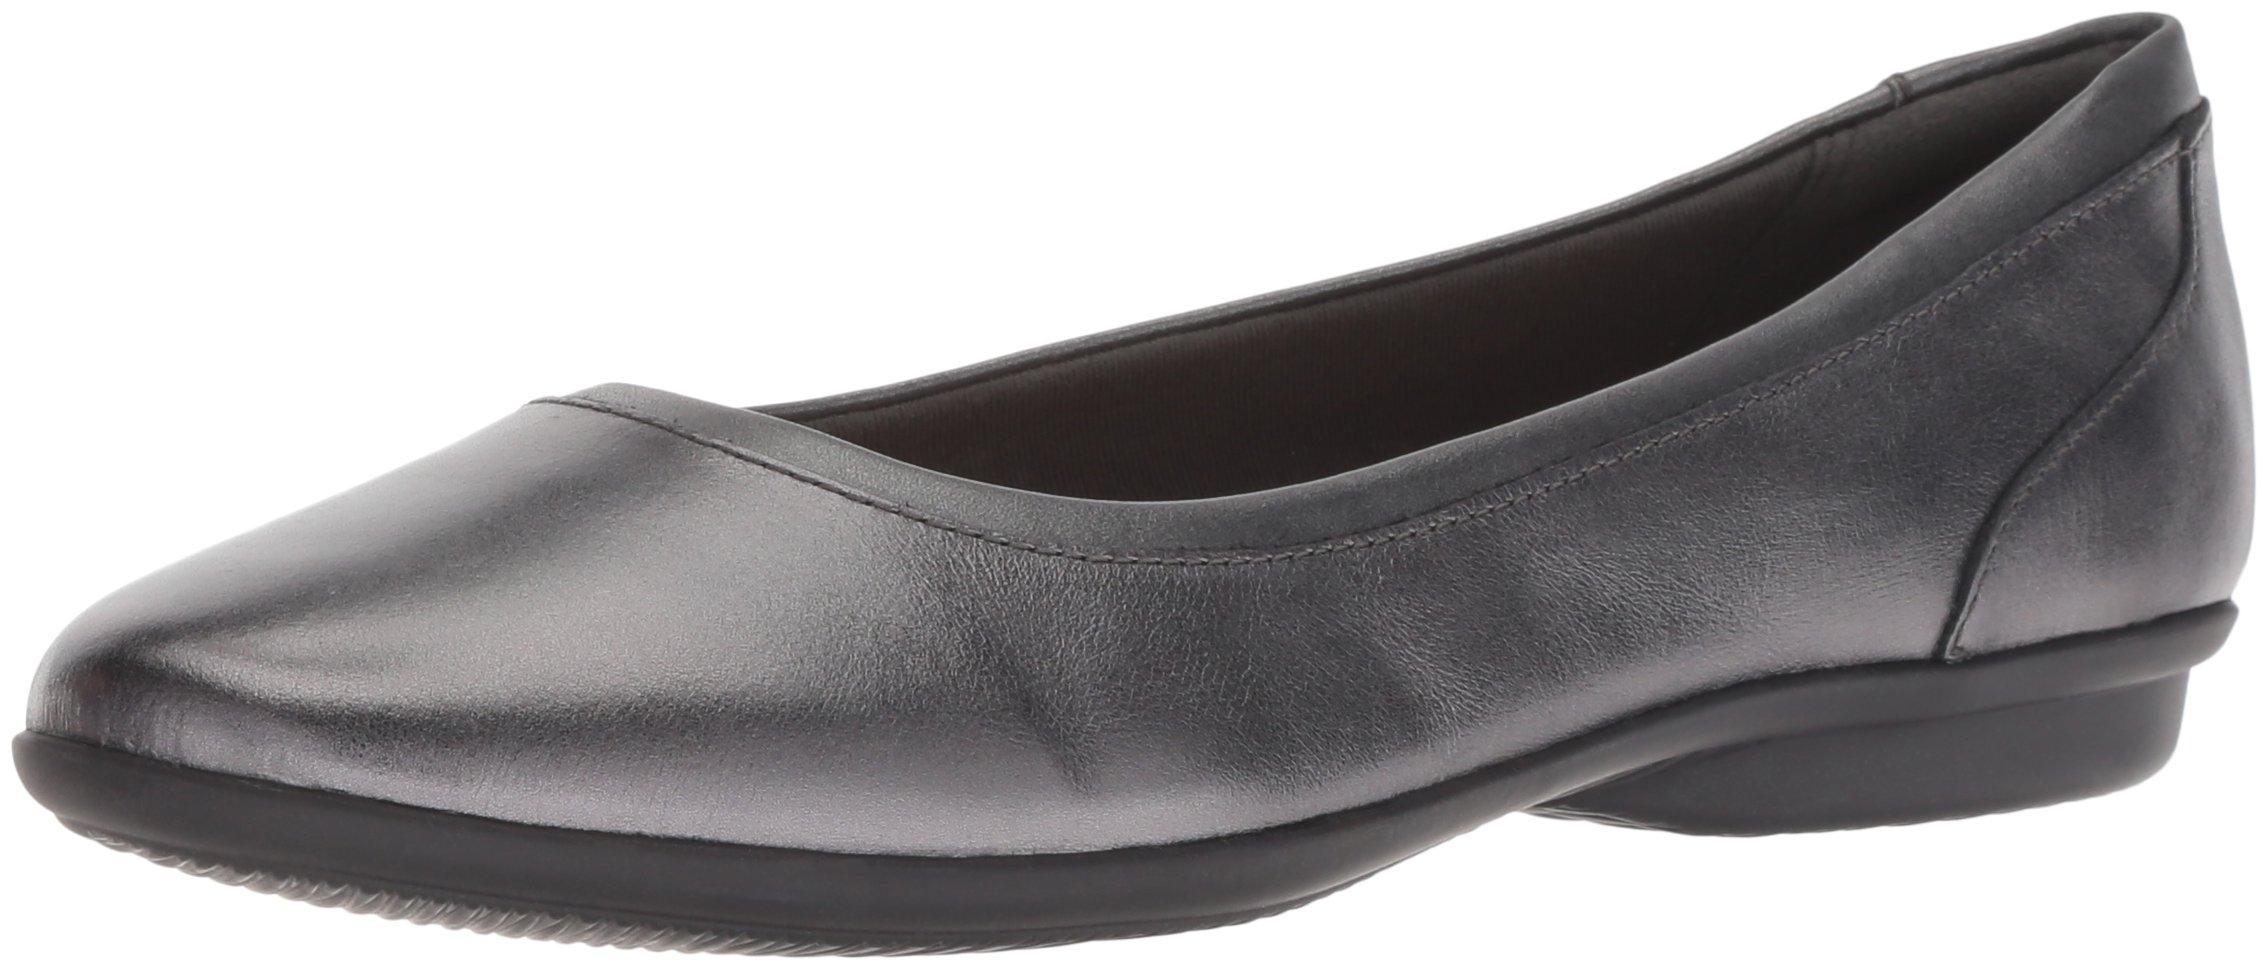 CLARKS Women's Gracelin Mara Ballet Flat, Gunmetal Leather, 120 M US